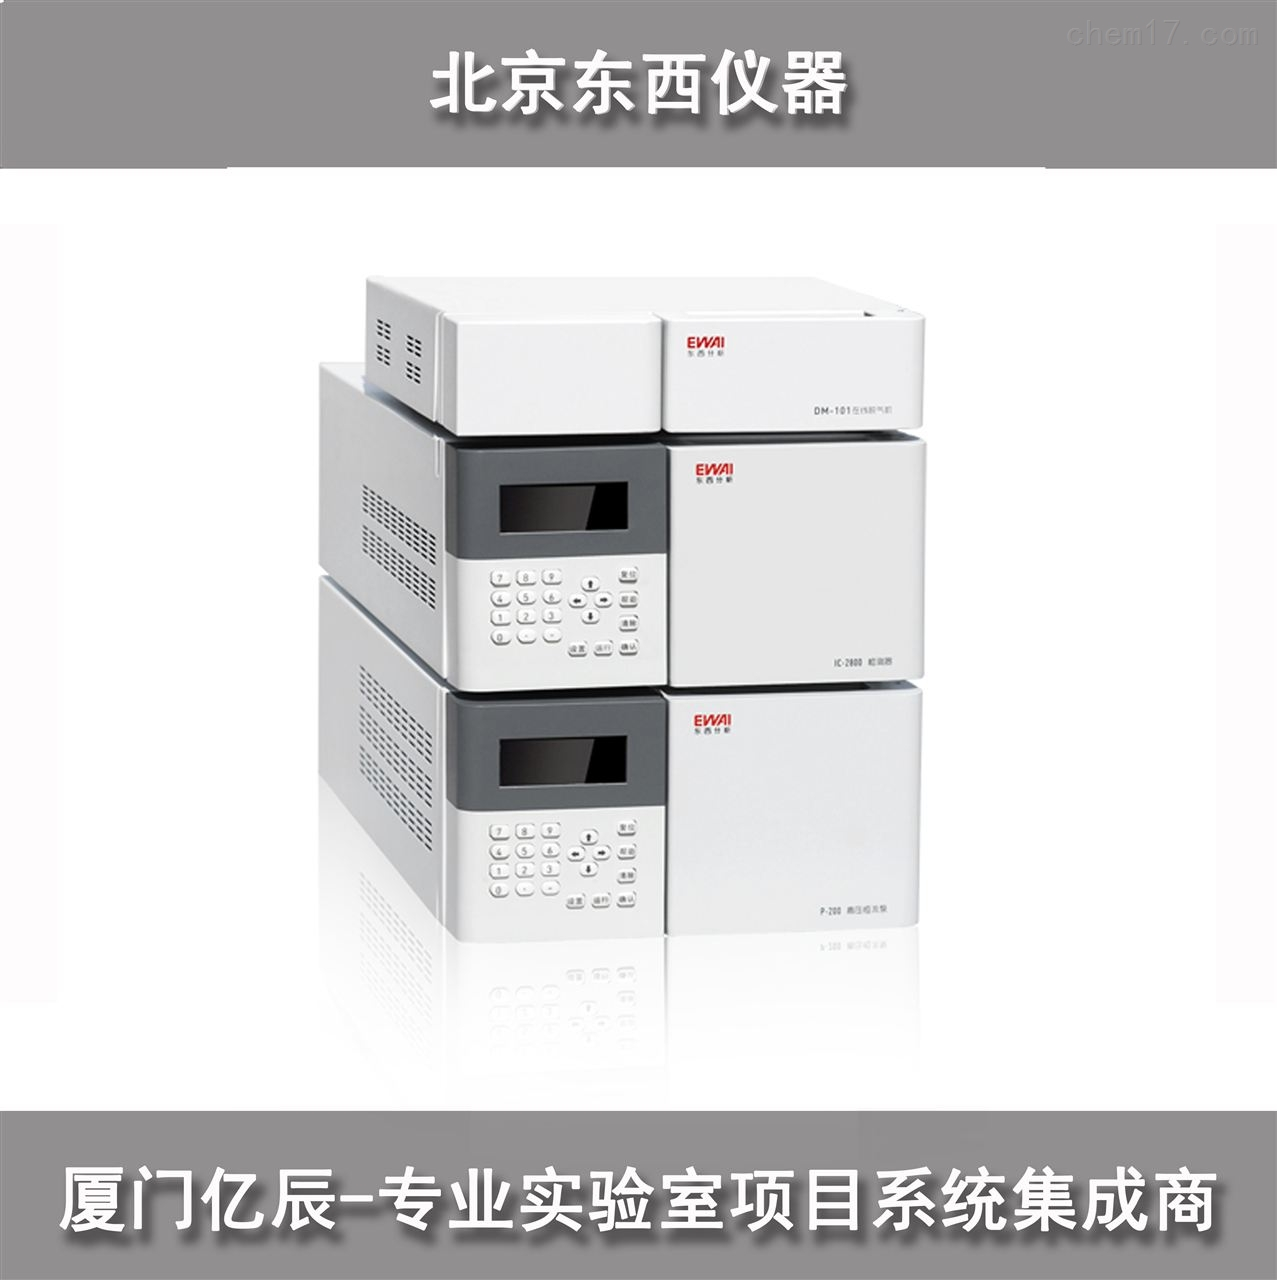 北京东西 IC-2800型 离子色谱仪